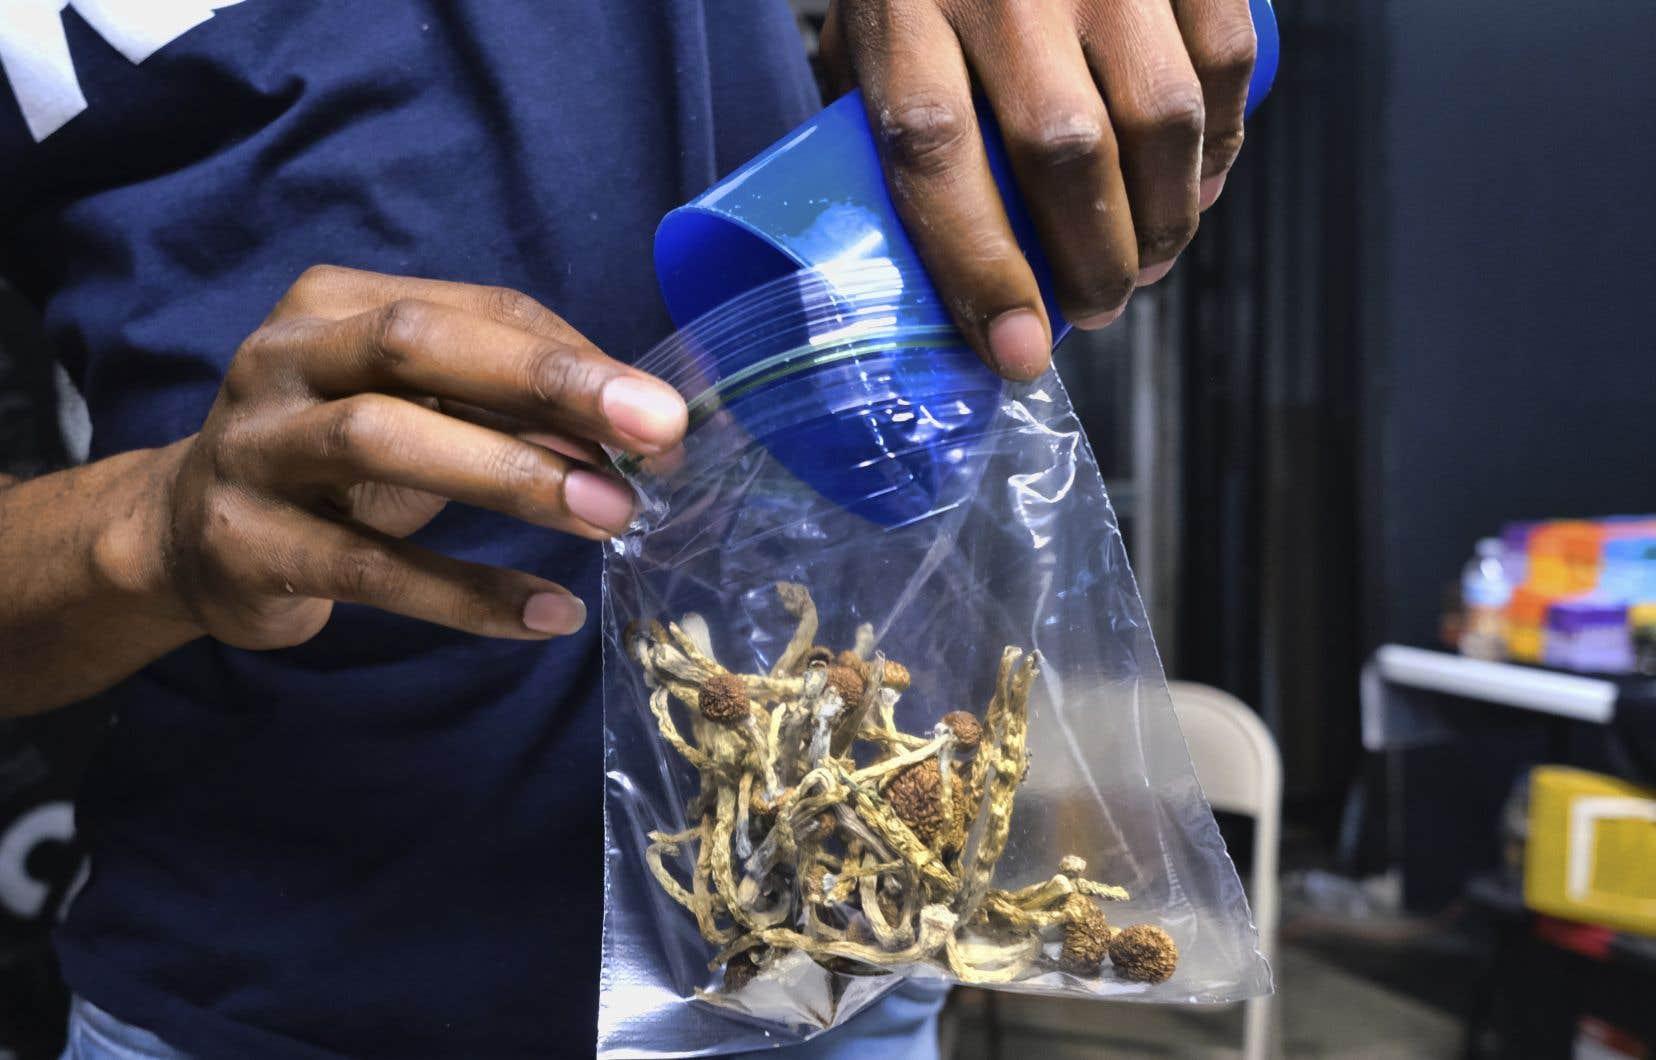 L'usage de la psilocybine, un stupéfiant tiré de certains champignons hallucinogènes, sera autorisé en Oregon selon certaines conditions.